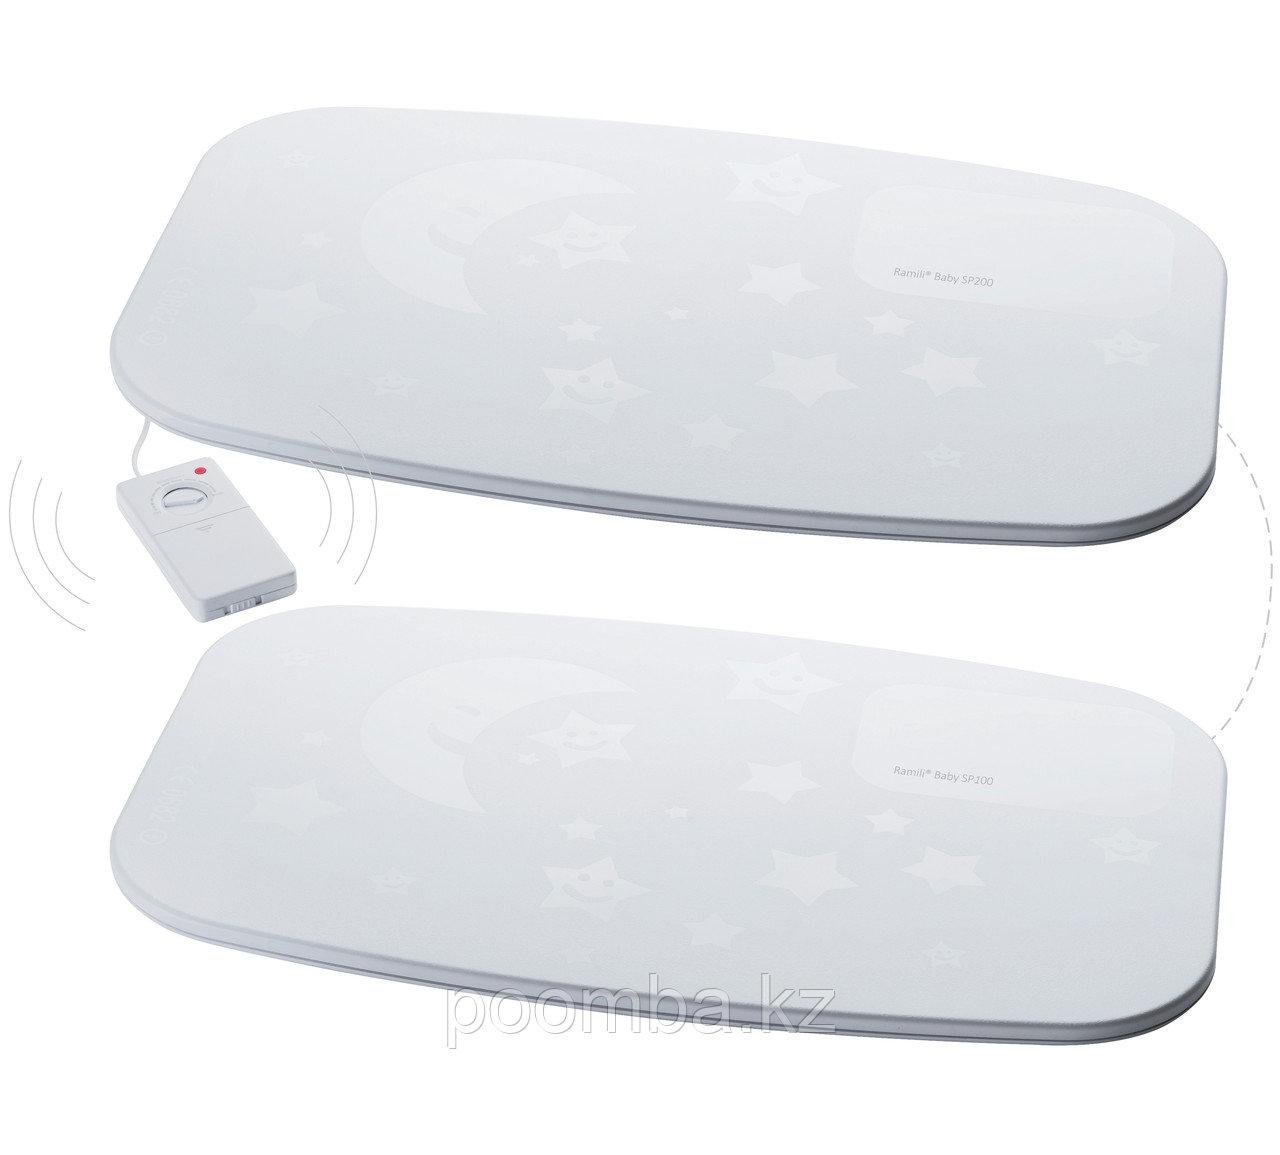 Комплект из двух мониторов дыхания Ramili Baby